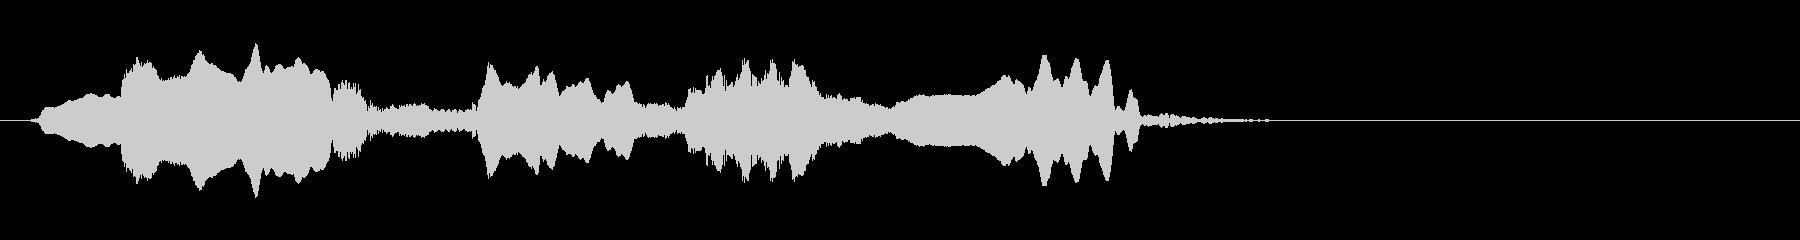 尺八 生演奏 古典風 残響音有 #16の未再生の波形